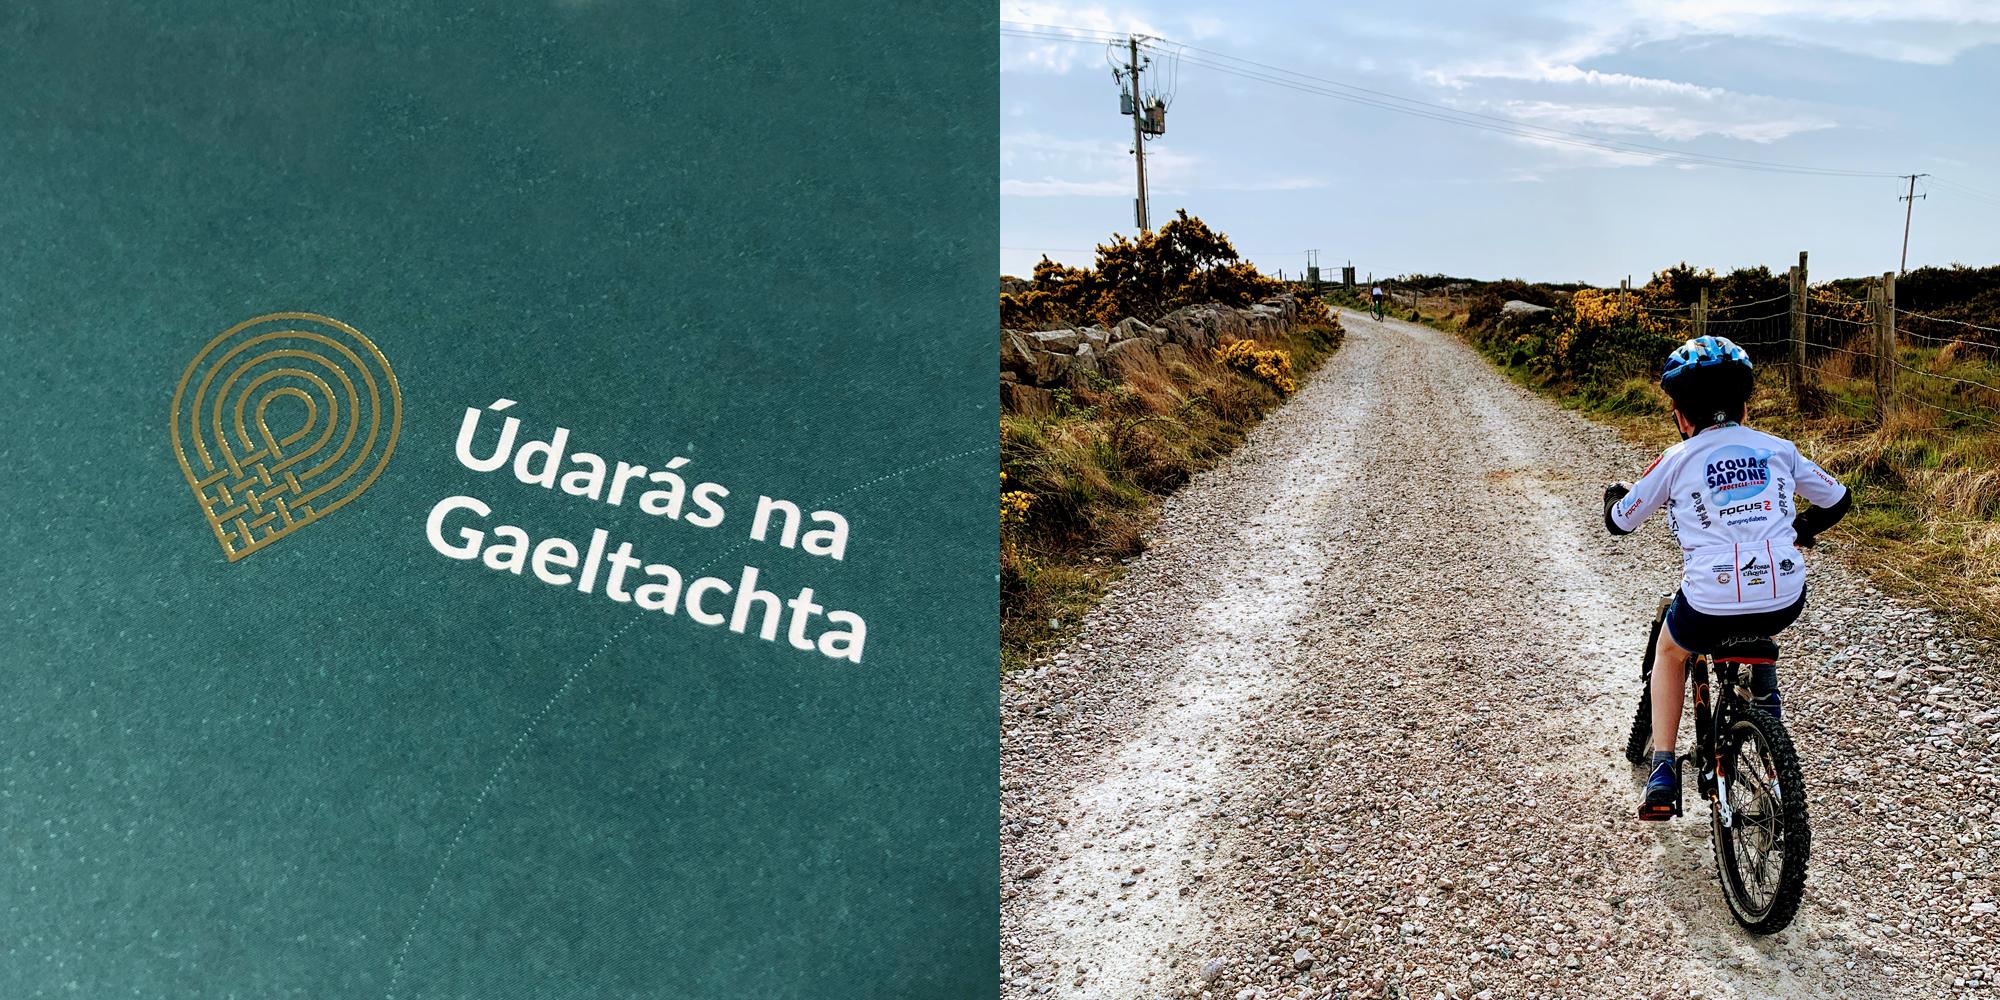 Cover image: Údarás na Gaeltachta Identity